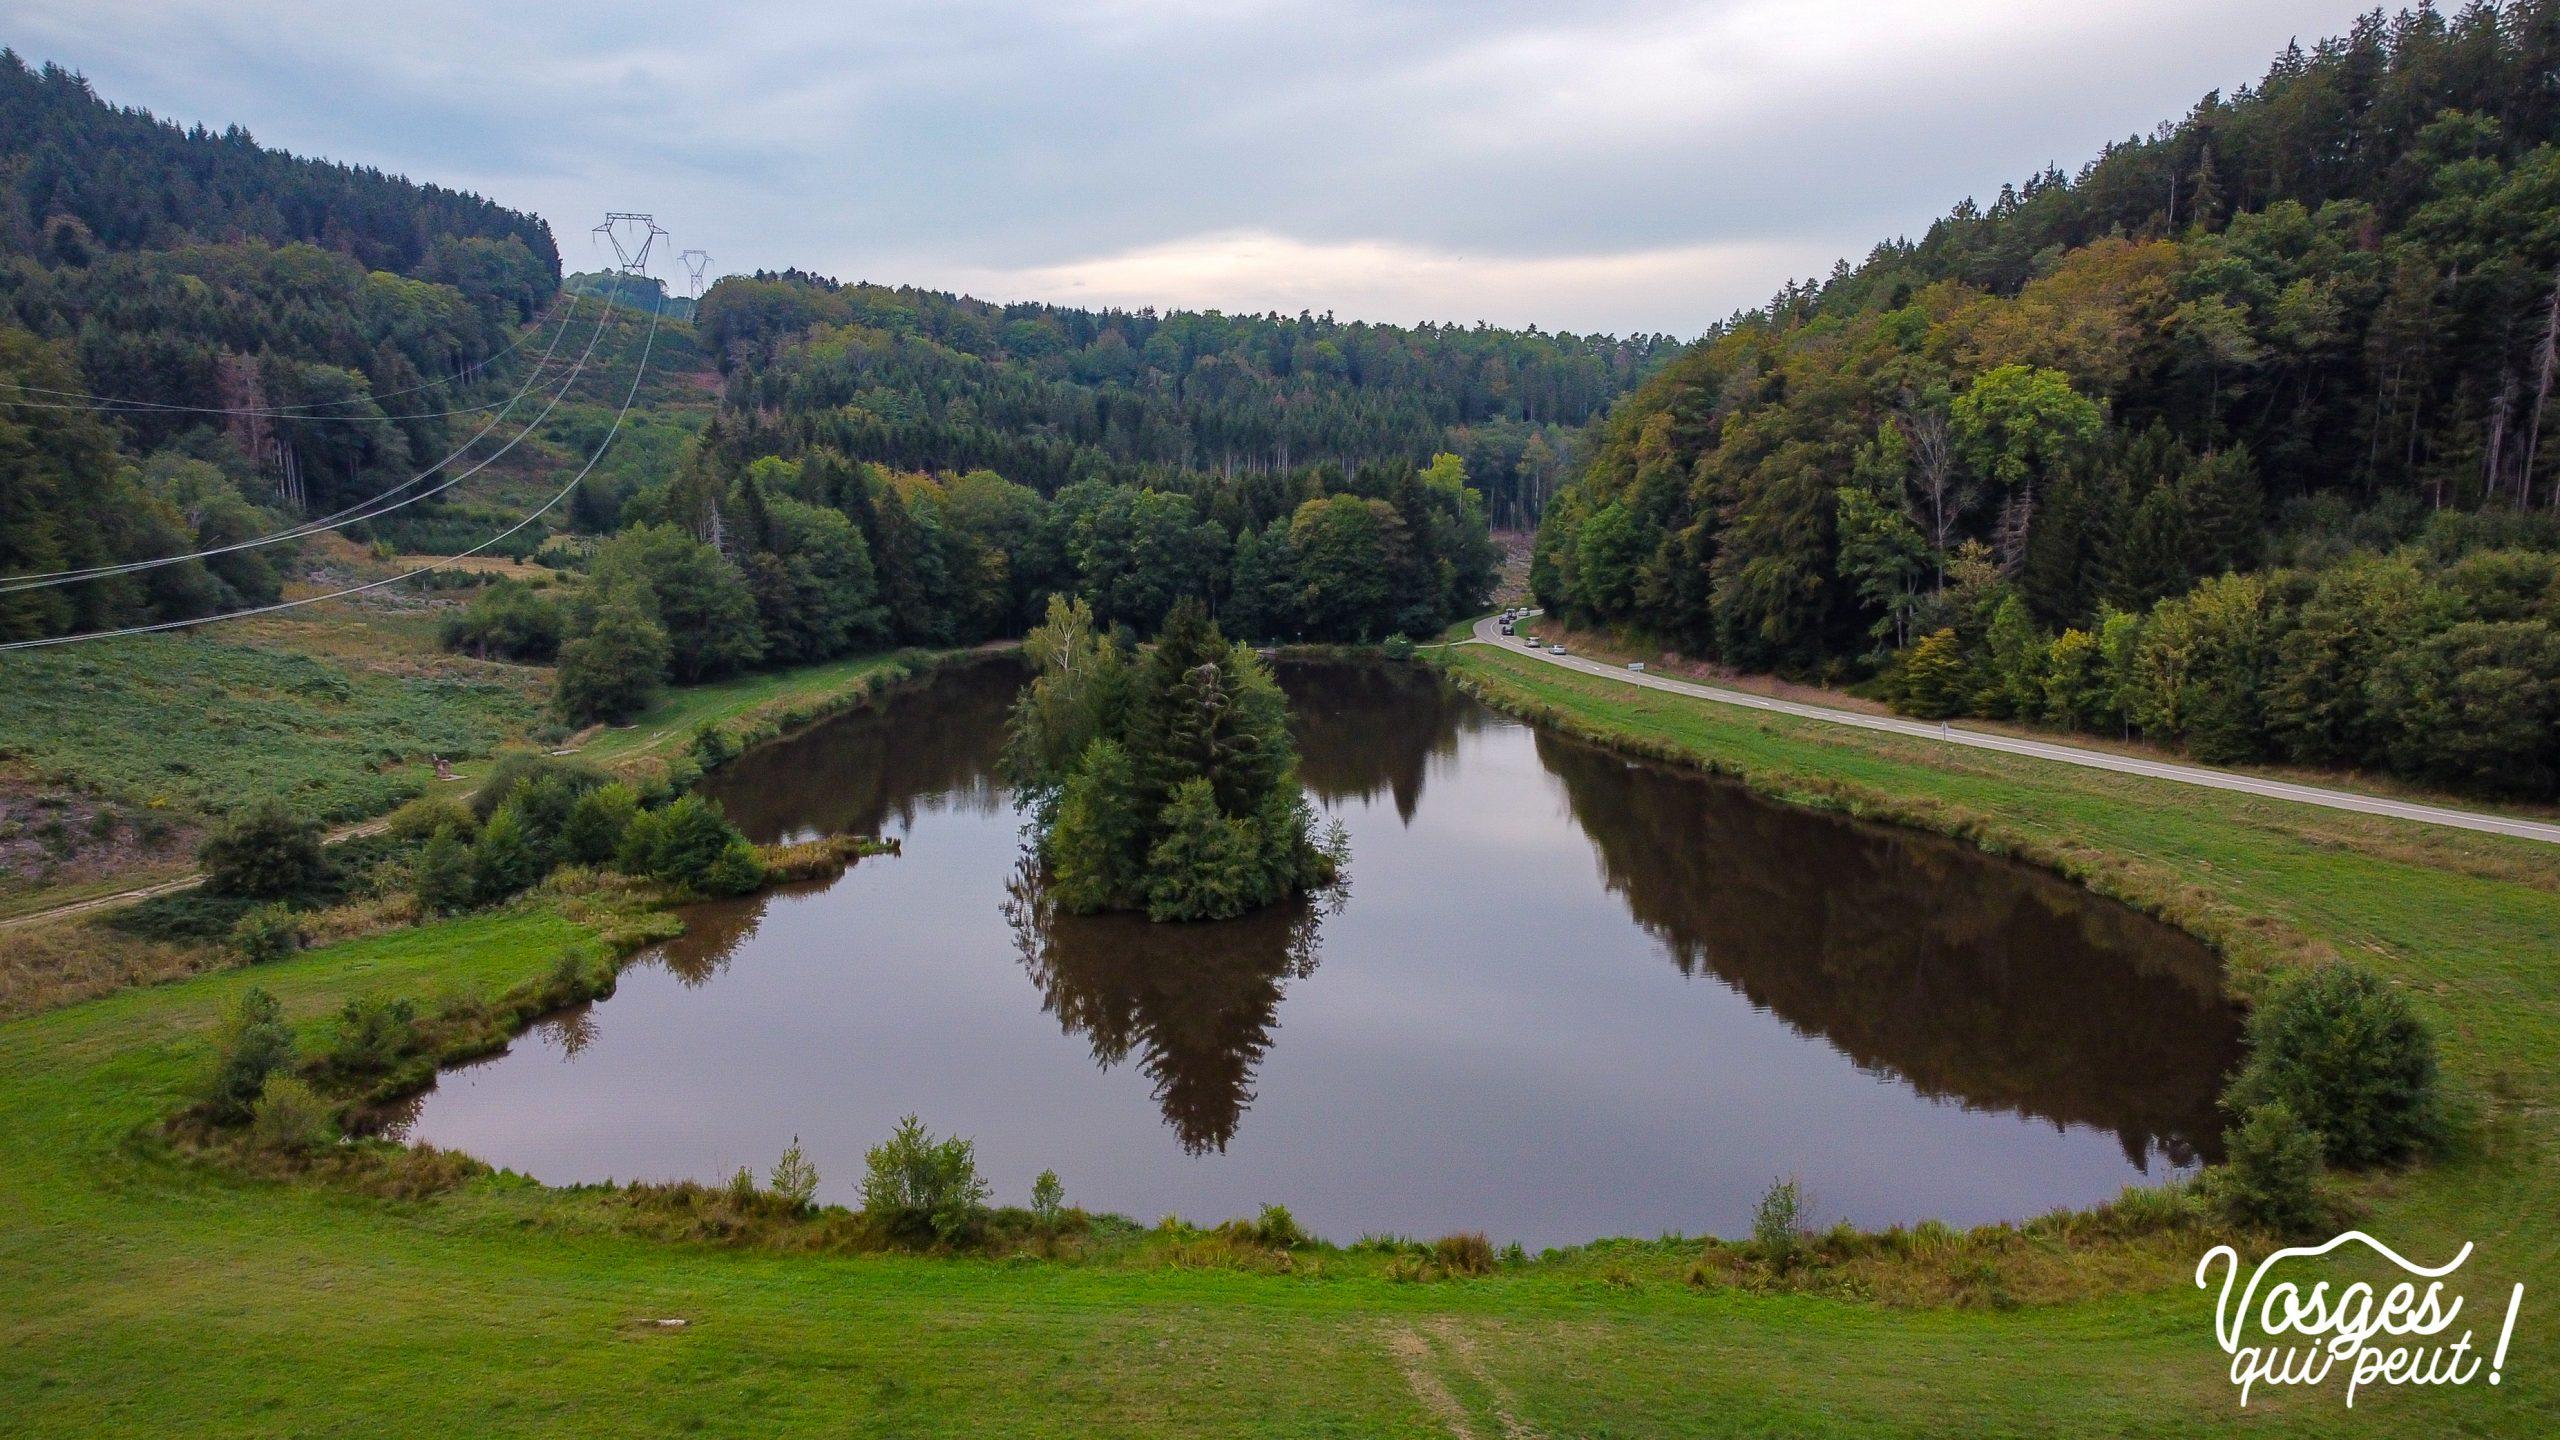 Vue aérienne sur le col de Steige et son étang dans les Vosges